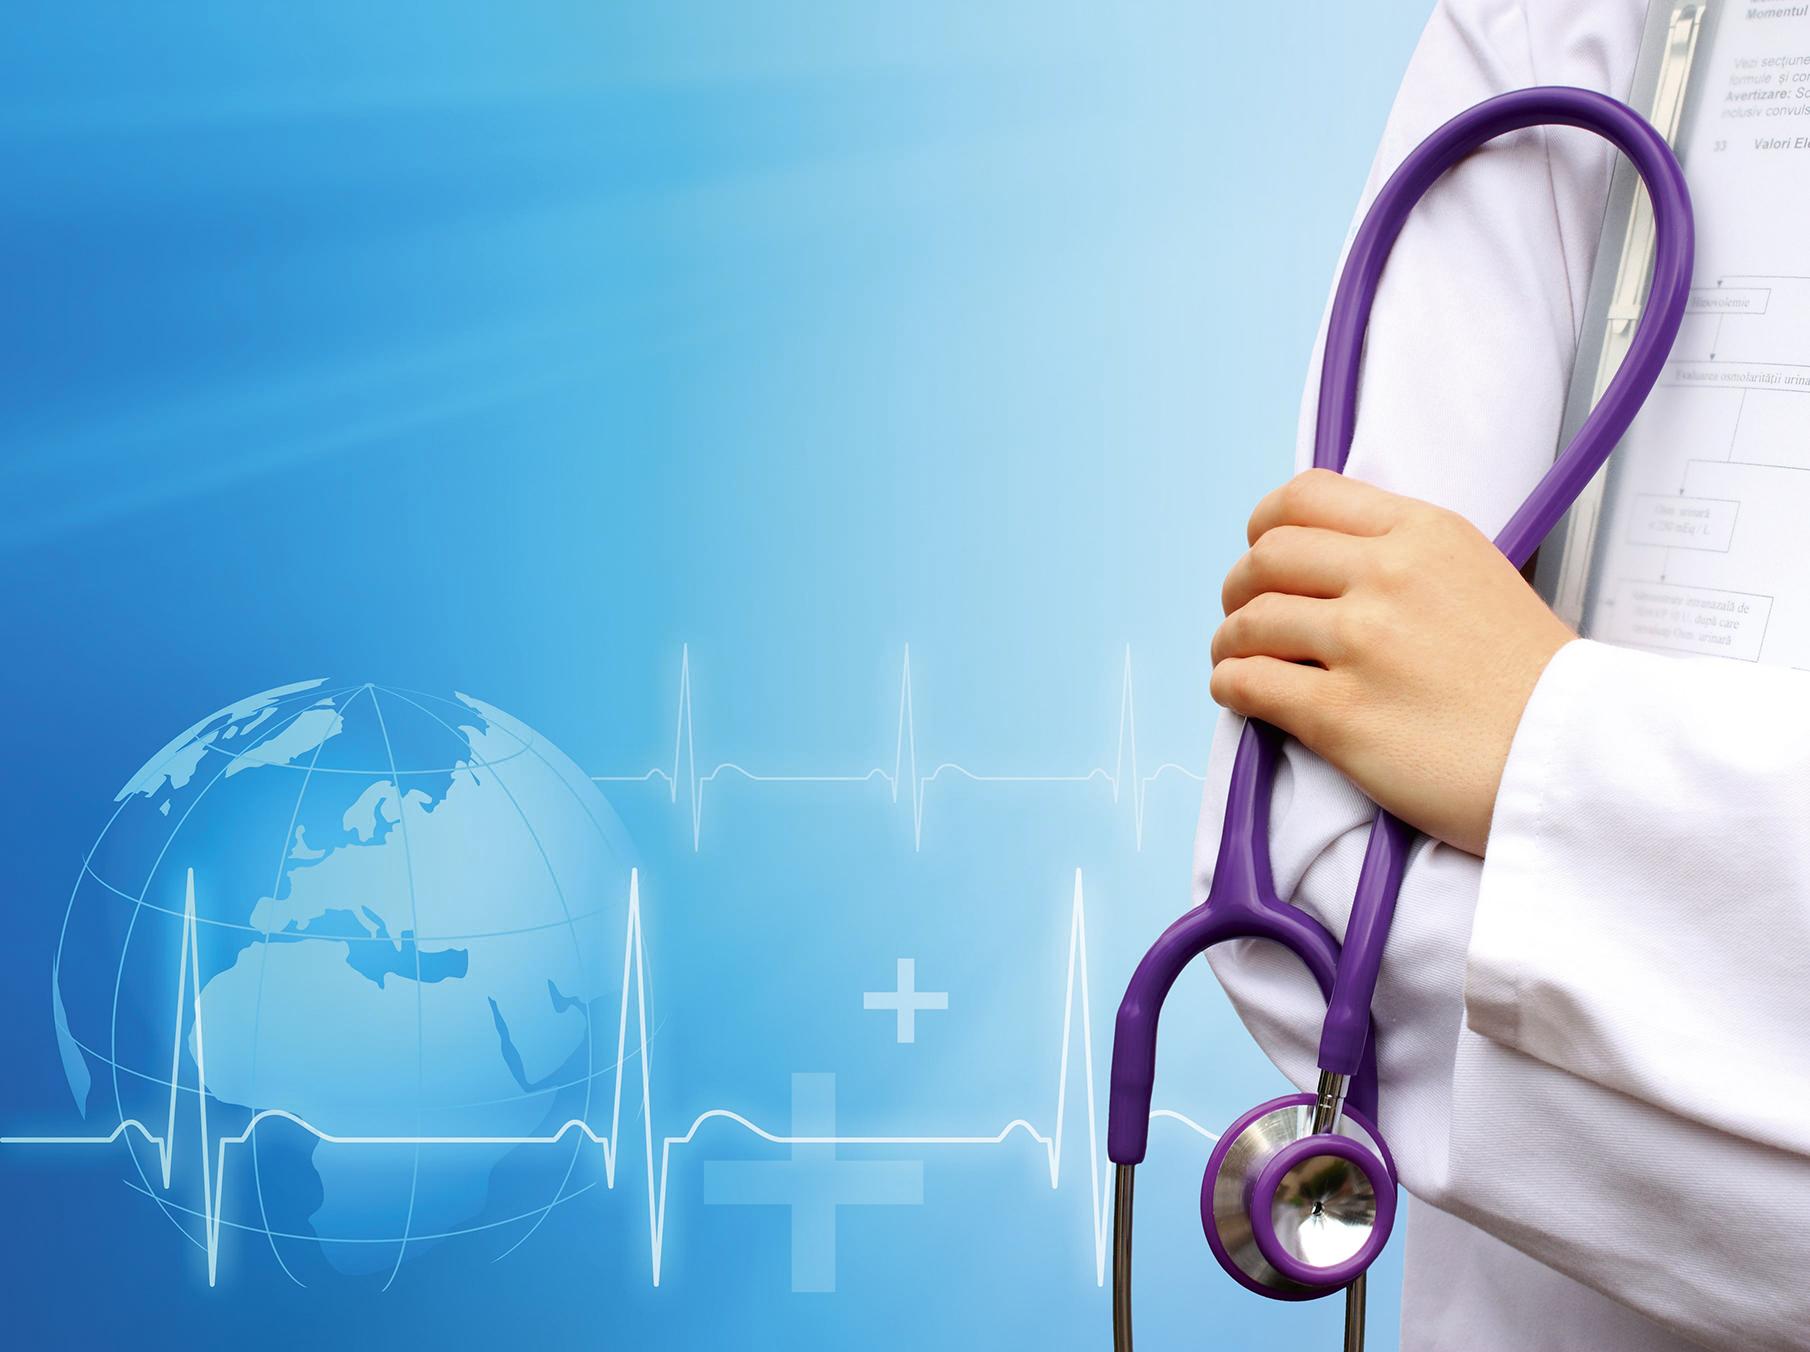 مدیریت گردشگری سلامت دغدغه این صنعت است.